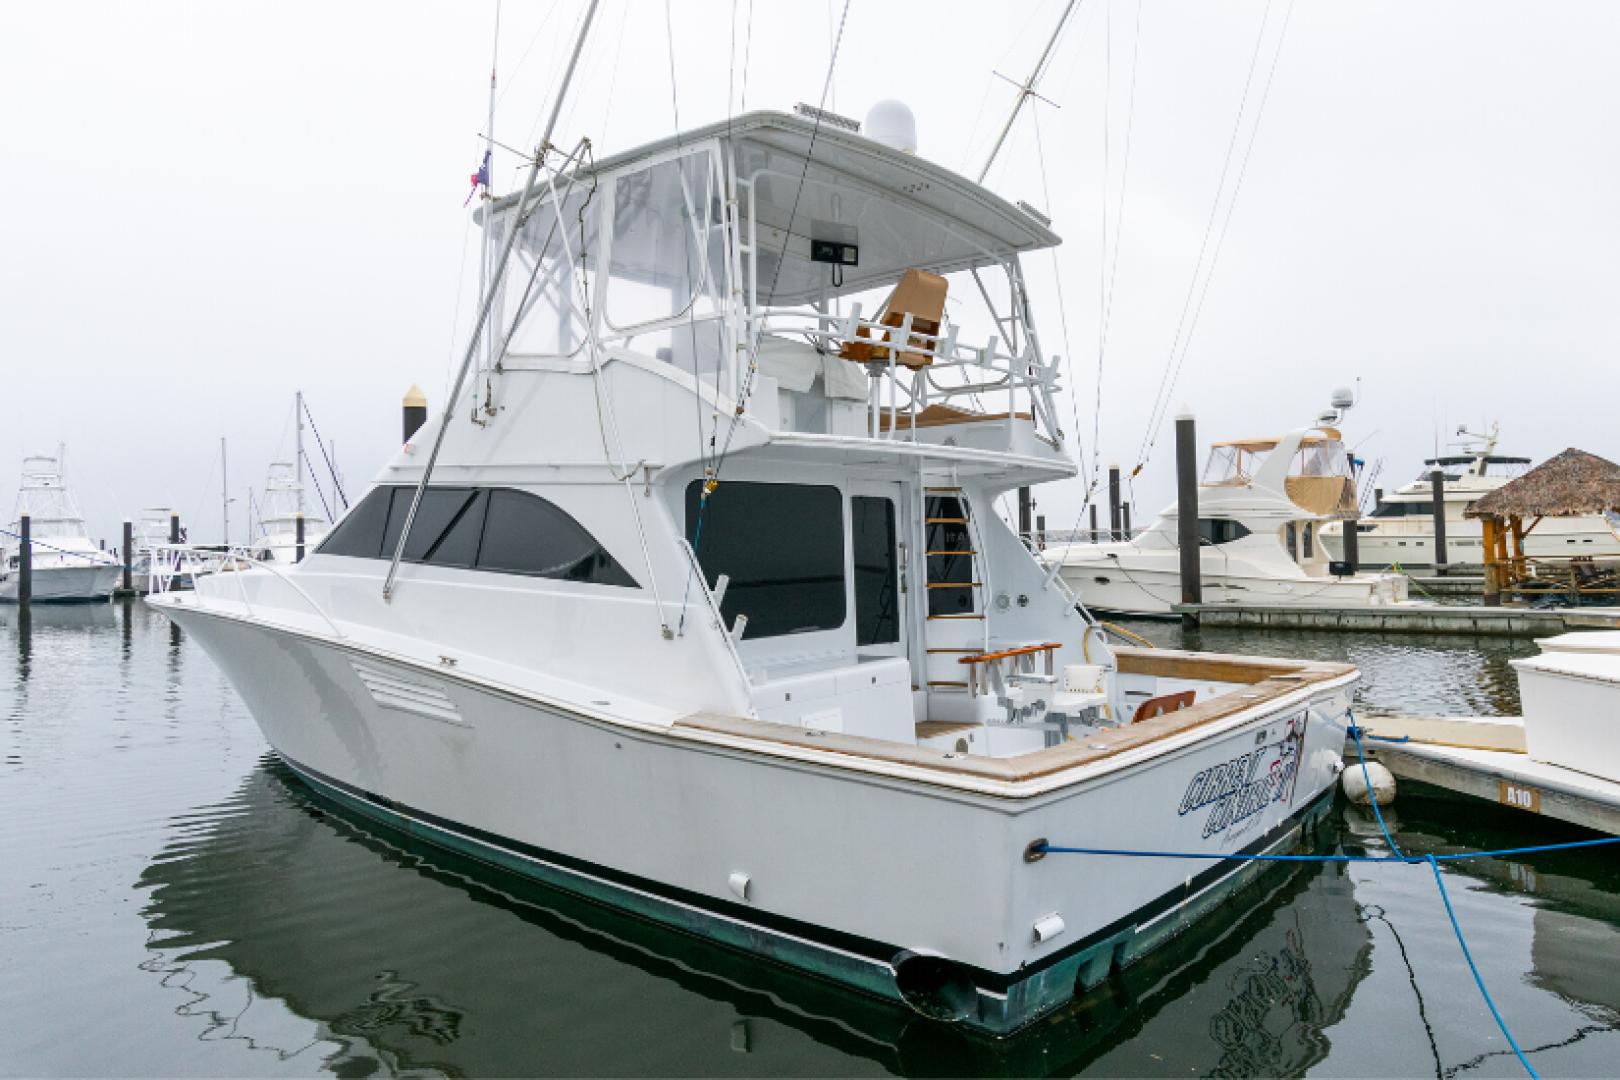 Starship-49 Sportfish 1990-Current Control Galveston-Texas-United States-Starship Sportfish 1990 Current Control-1321233 | Thumbnail